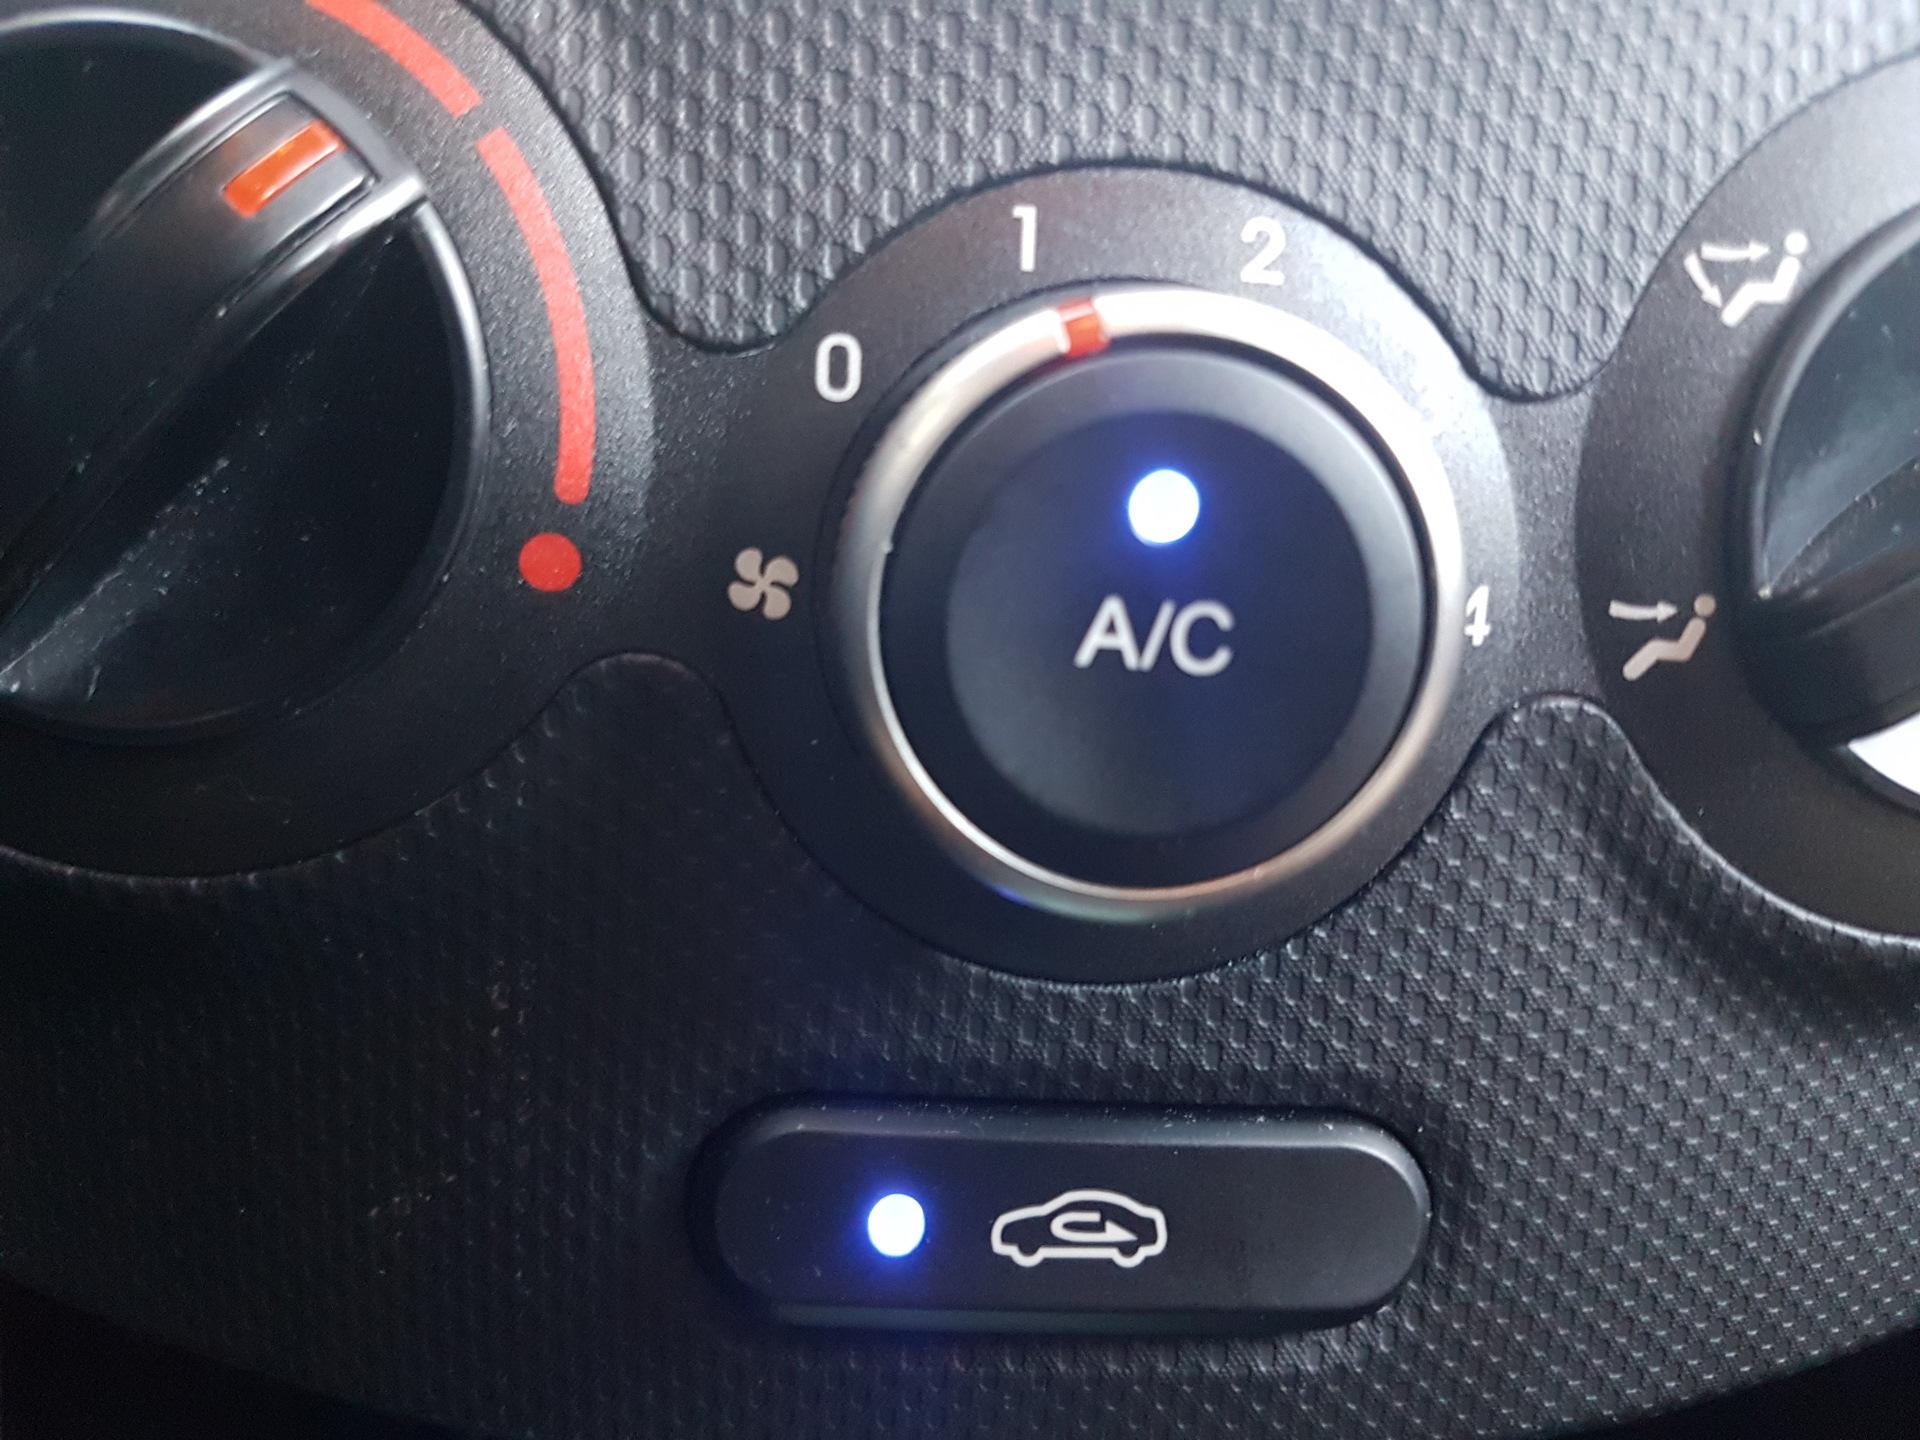 Кнопка А/С кондиционера